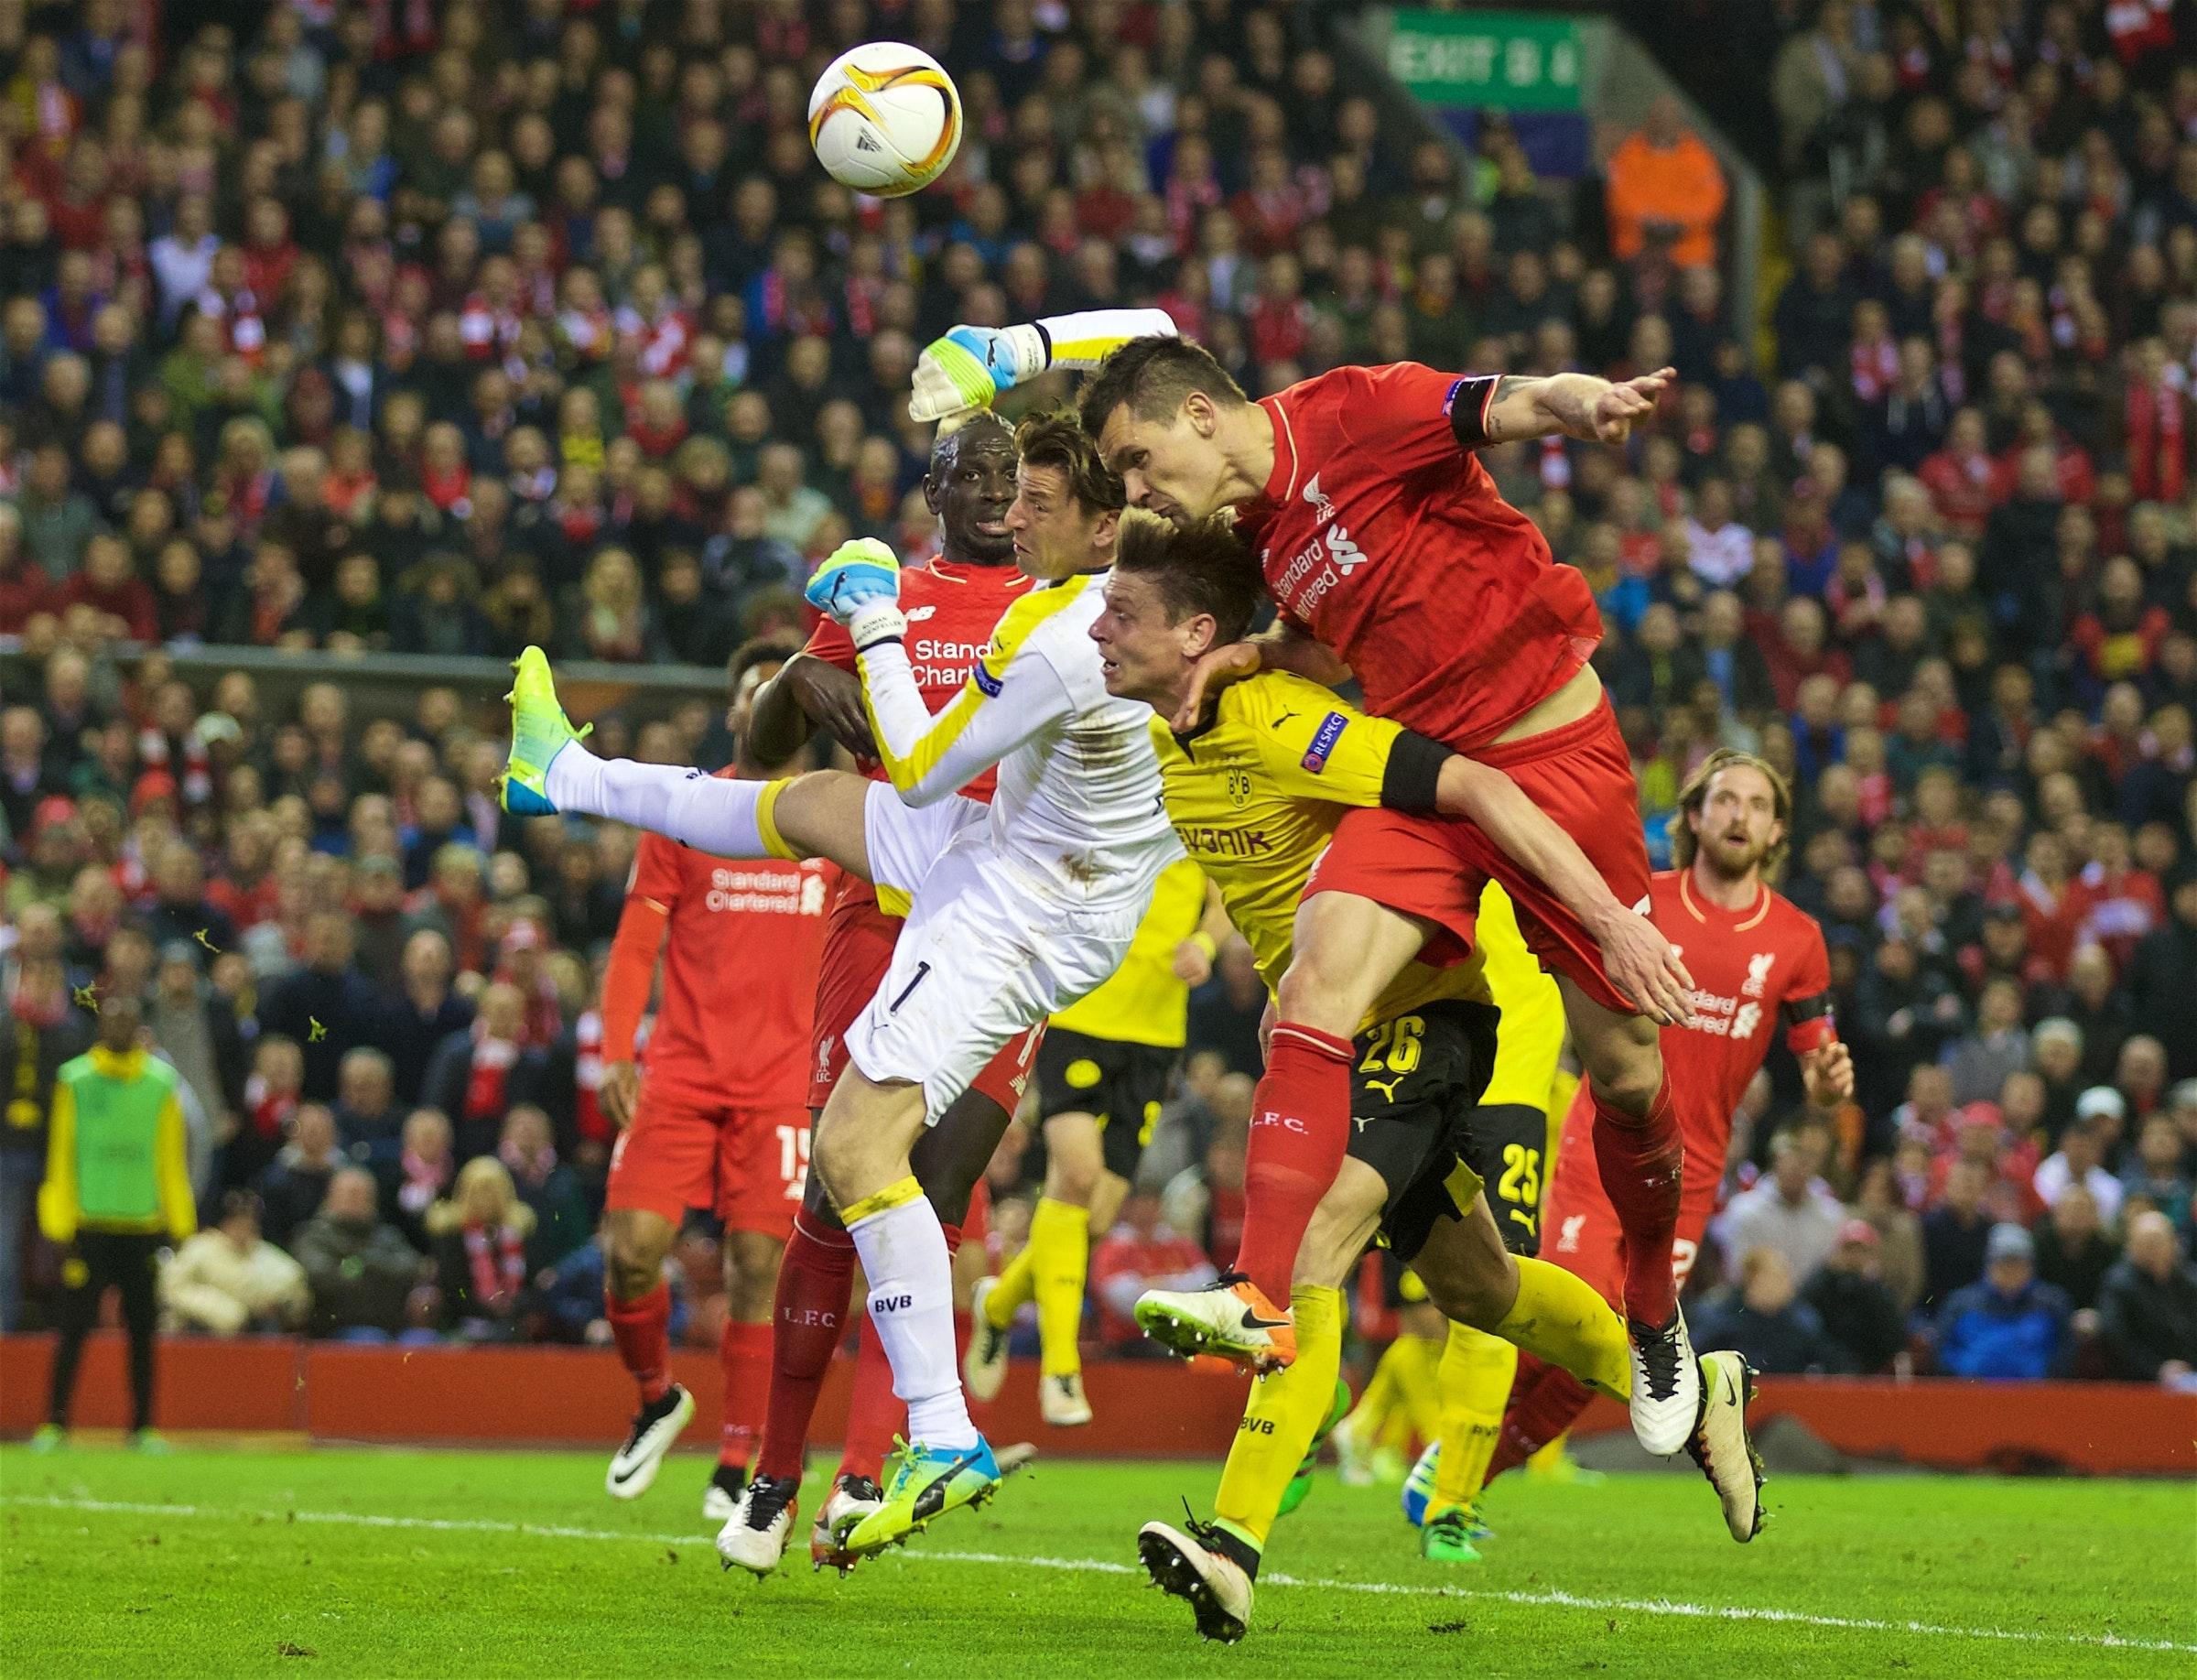 Slik har Klopps Liverpool gjort det mot tysk motstand tidligere